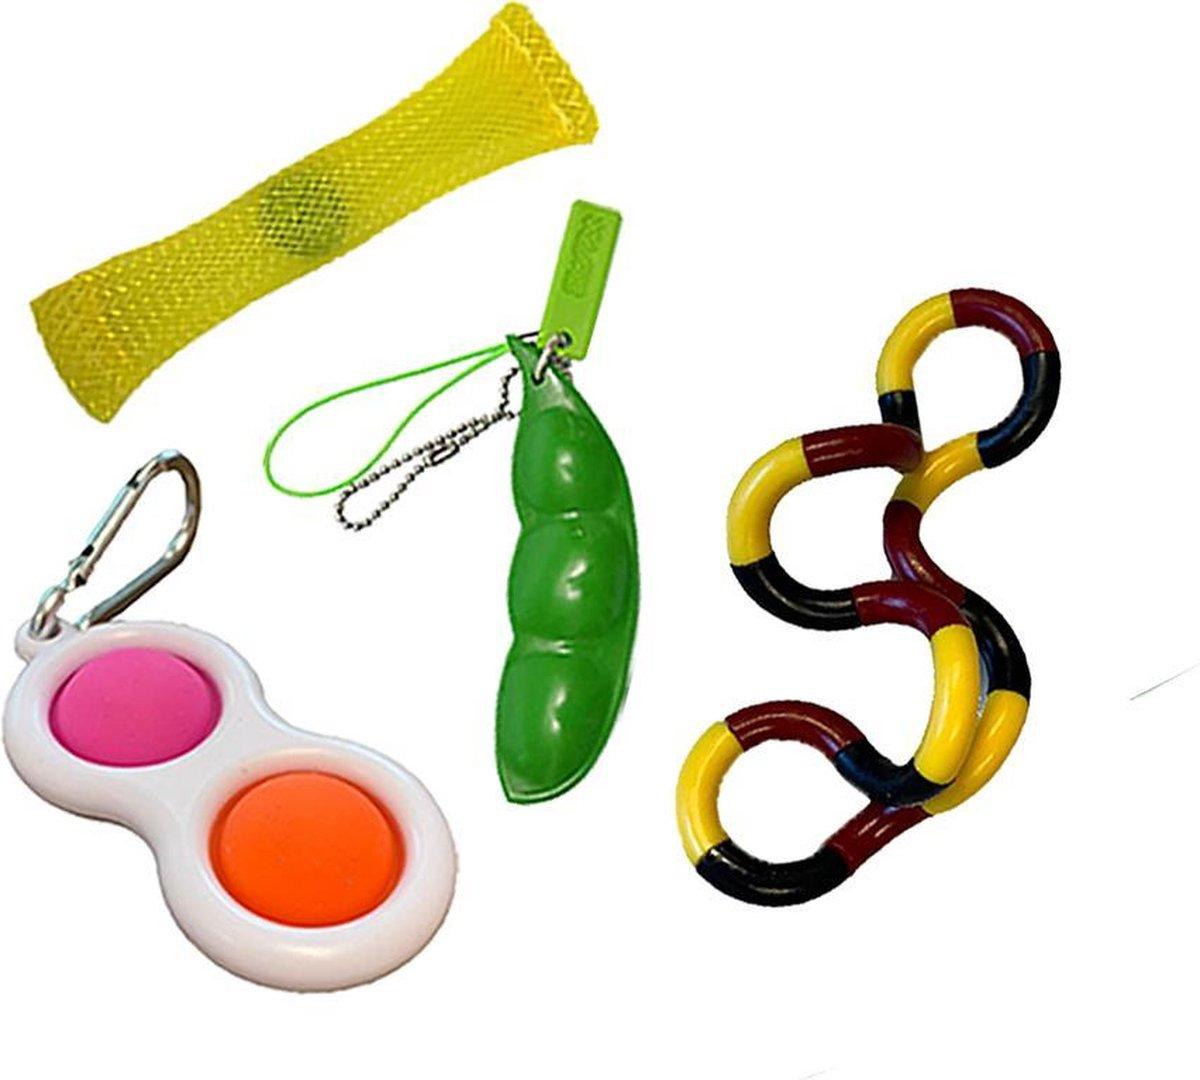 Fidget toys pakket set - Pop All Up  - 4 Delig - Simple dimple - Pop it - Pea popper - Mesh-and-marb